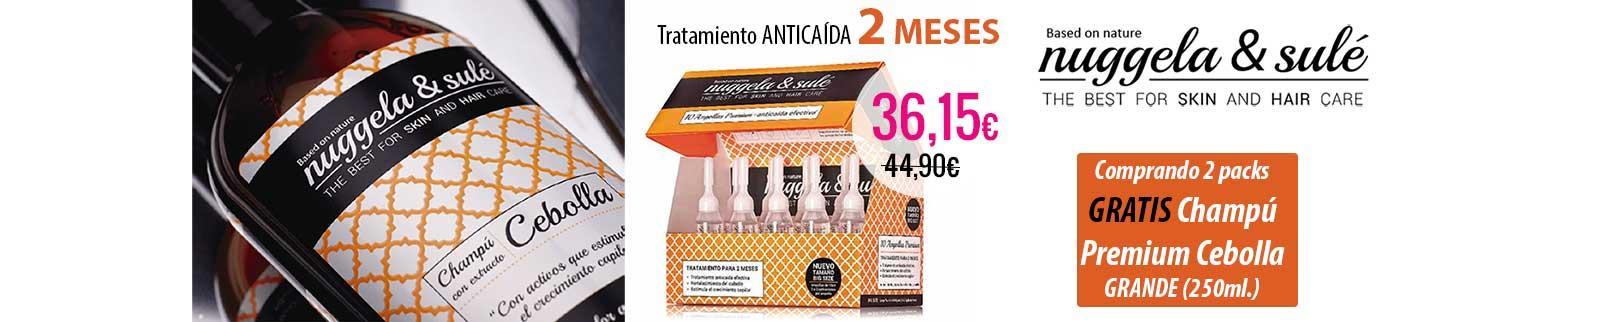 Oferta pack anticaida nuggela sule ampollas gratis champu cebolla